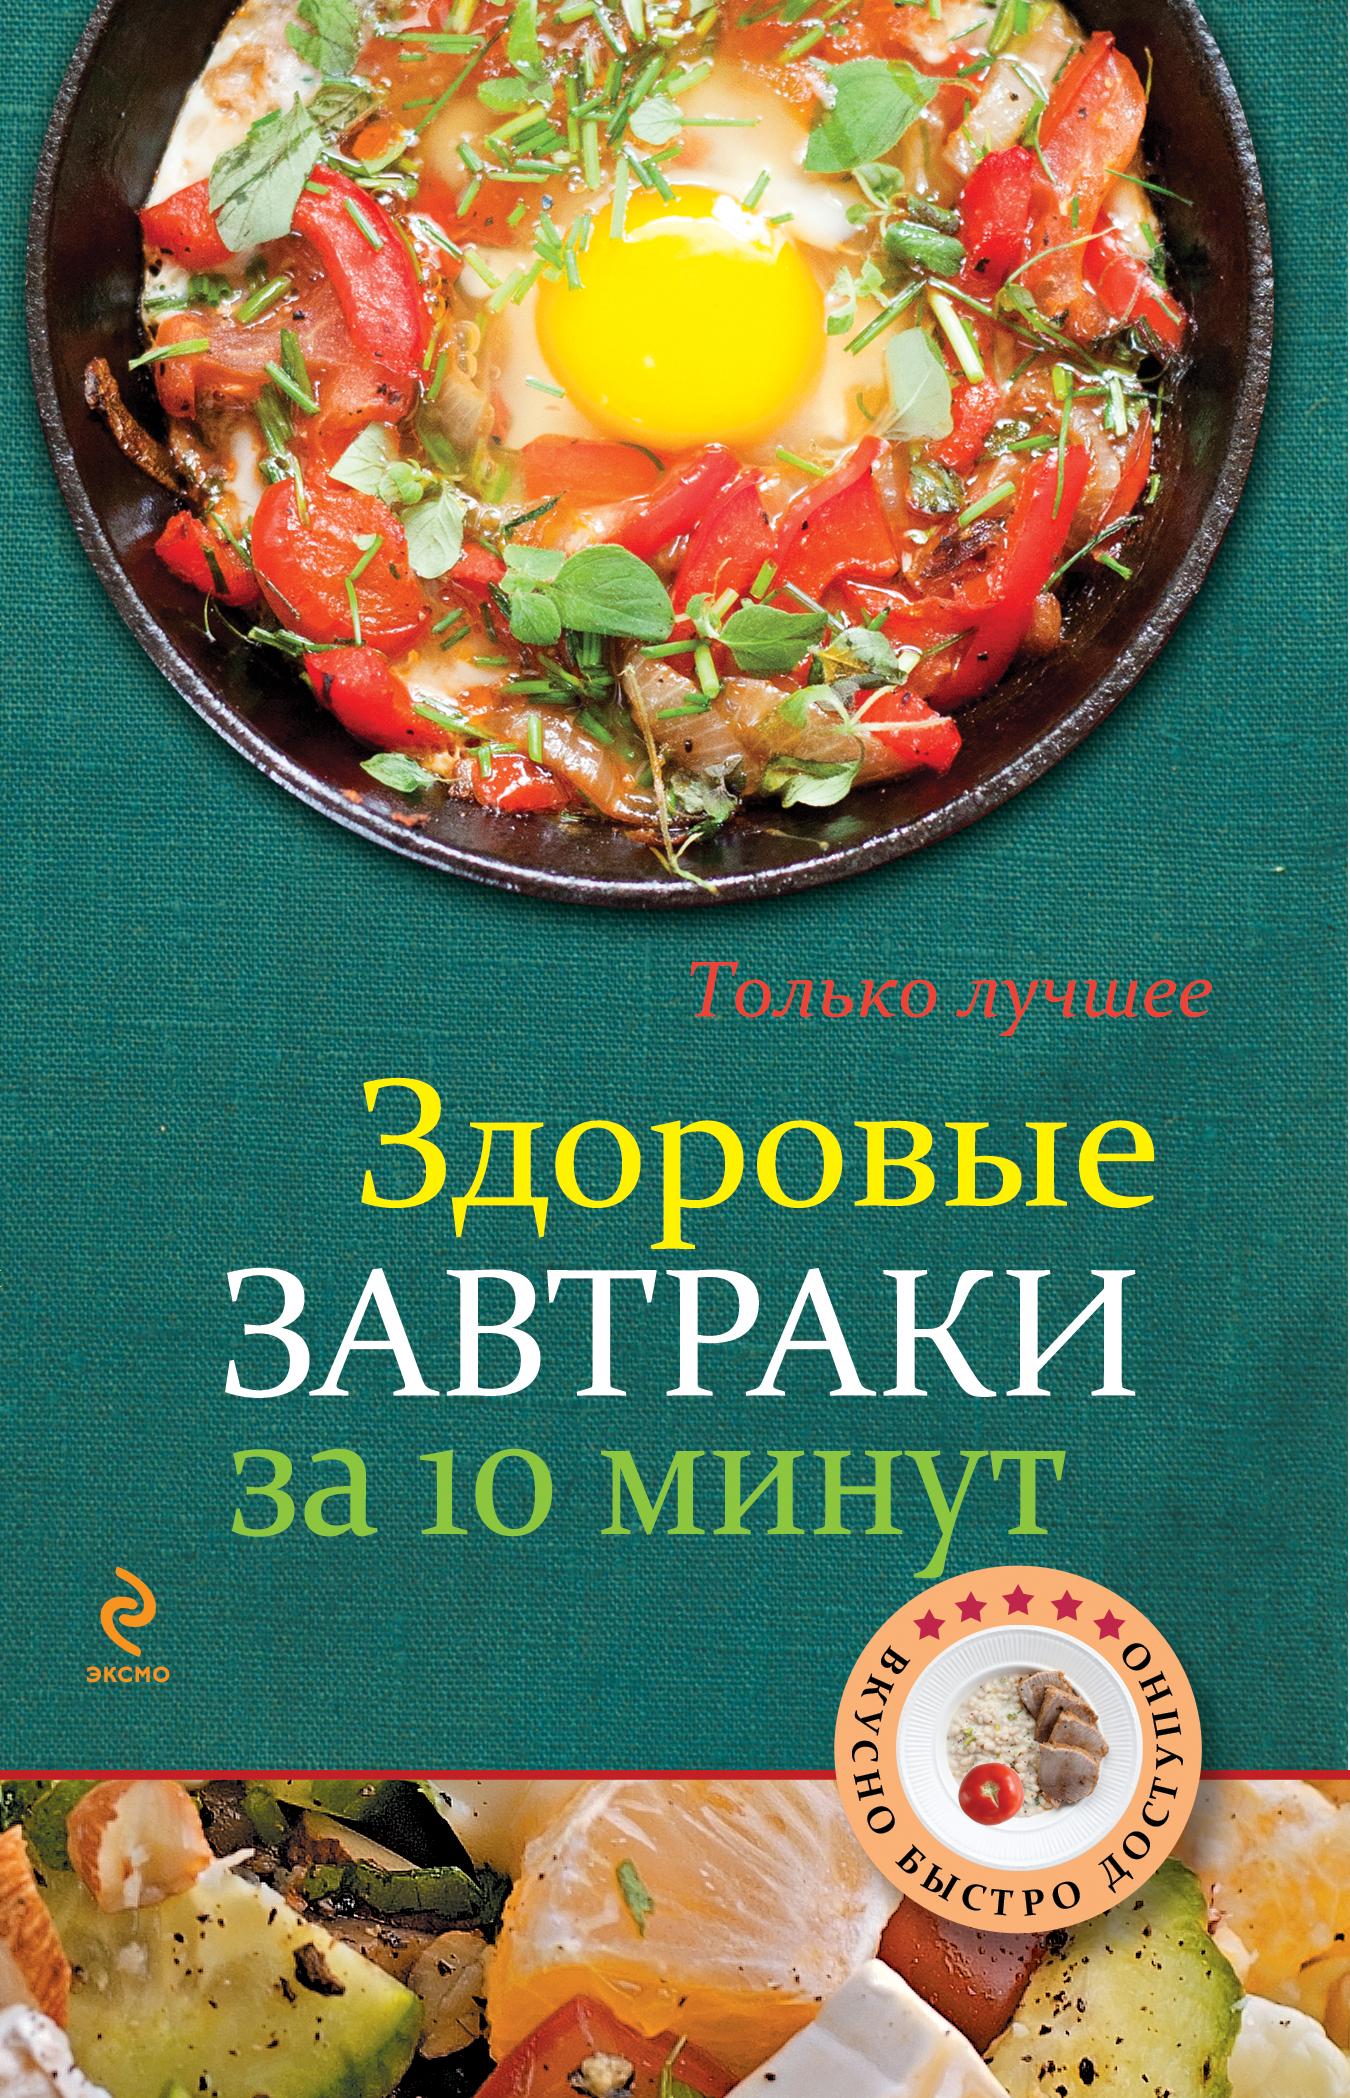 Здоровые завтраки за 10 минут